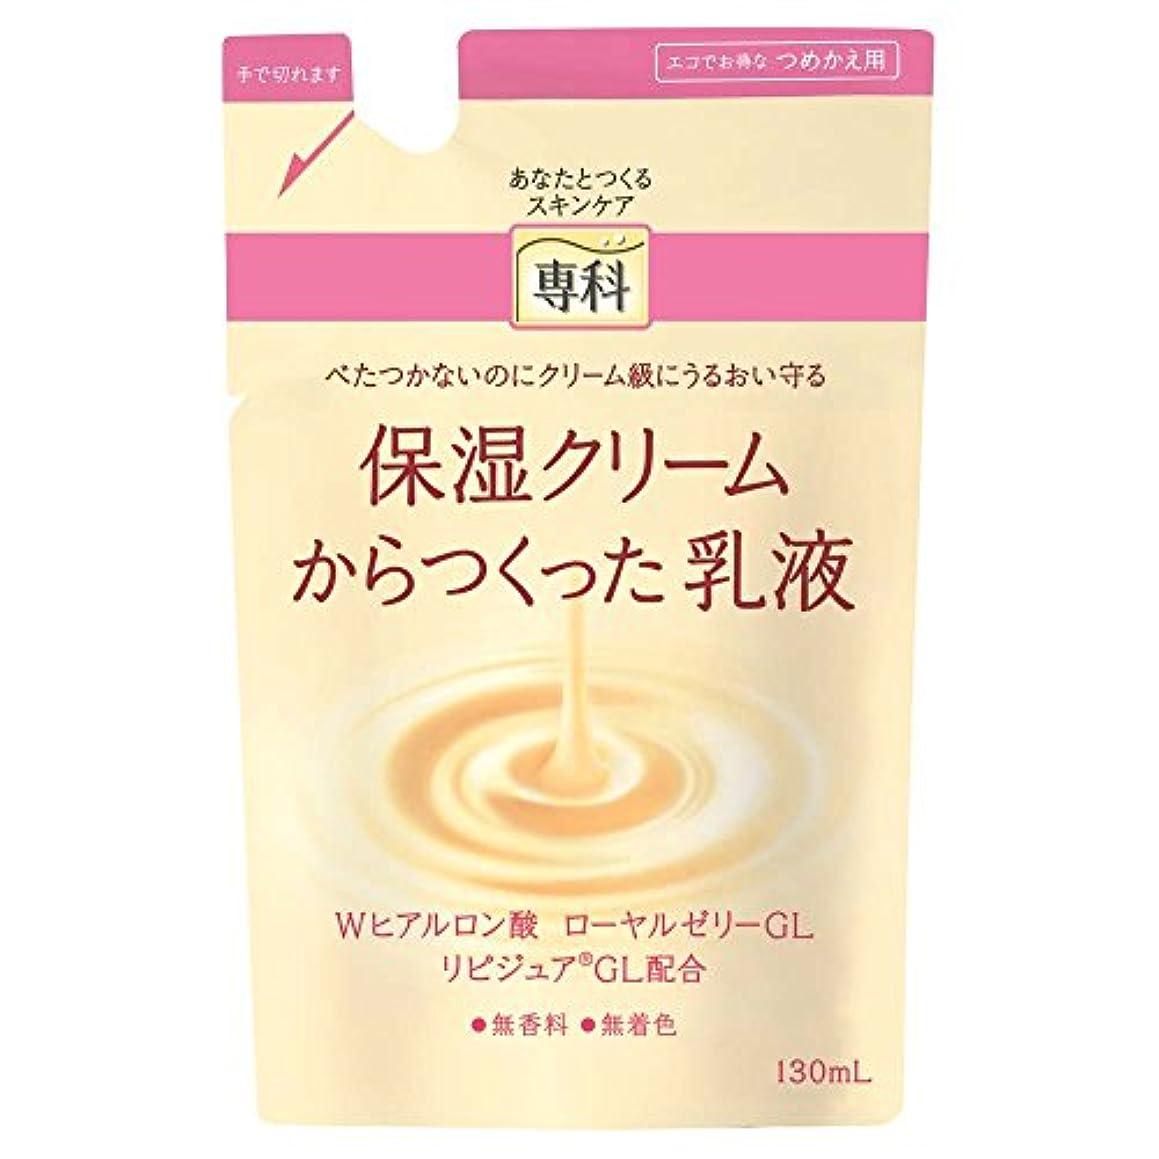 【アウトレット品】専科 保湿クリームからつくった乳液 つめかえ用